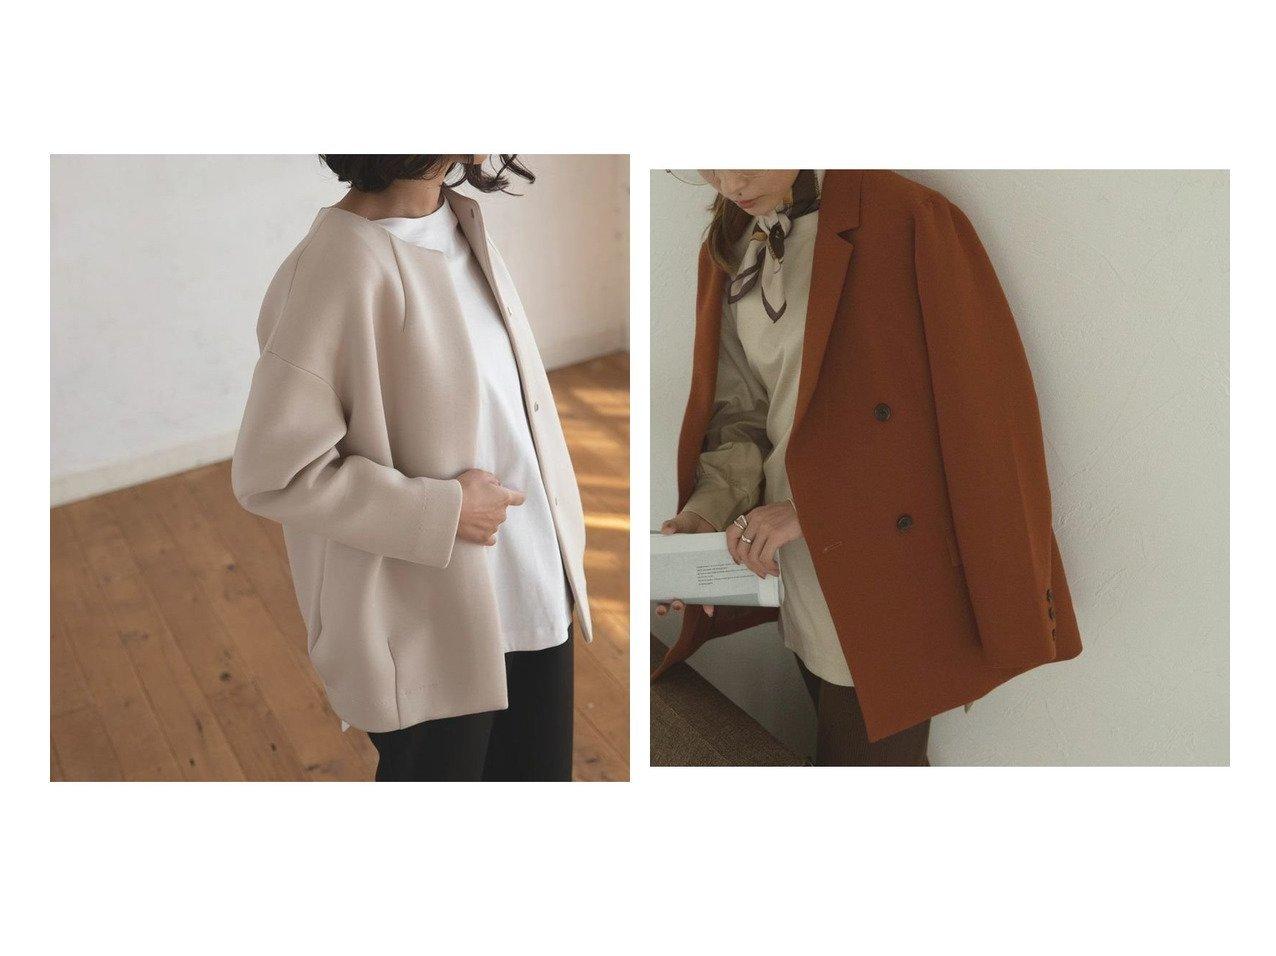 【marjour/マージュール】のボンディングショートコート NEW COLOR BONDING SHORT COAT&テーラードカラージャケット TAILORED COLOR JACKET マージュールのおすすめ!人気、トレンド・レディースファッションの通販 おすすめで人気の流行・トレンド、ファッションの通販商品 メンズファッション・キッズファッション・インテリア・家具・レディースファッション・服の通販 founy(ファニー) https://founy.com/ ファッション Fashion レディースファッション WOMEN アウター Coat Outerwear コート Coats ジャケット Jackets インナー サテン スウェット タートル ダウン トレンド プリーツ マフラー マーメイド おすすめ Recommend オレンジ ジャケット ダブル ポケット マニッシュ モノトーン |ID:crp329100000021554